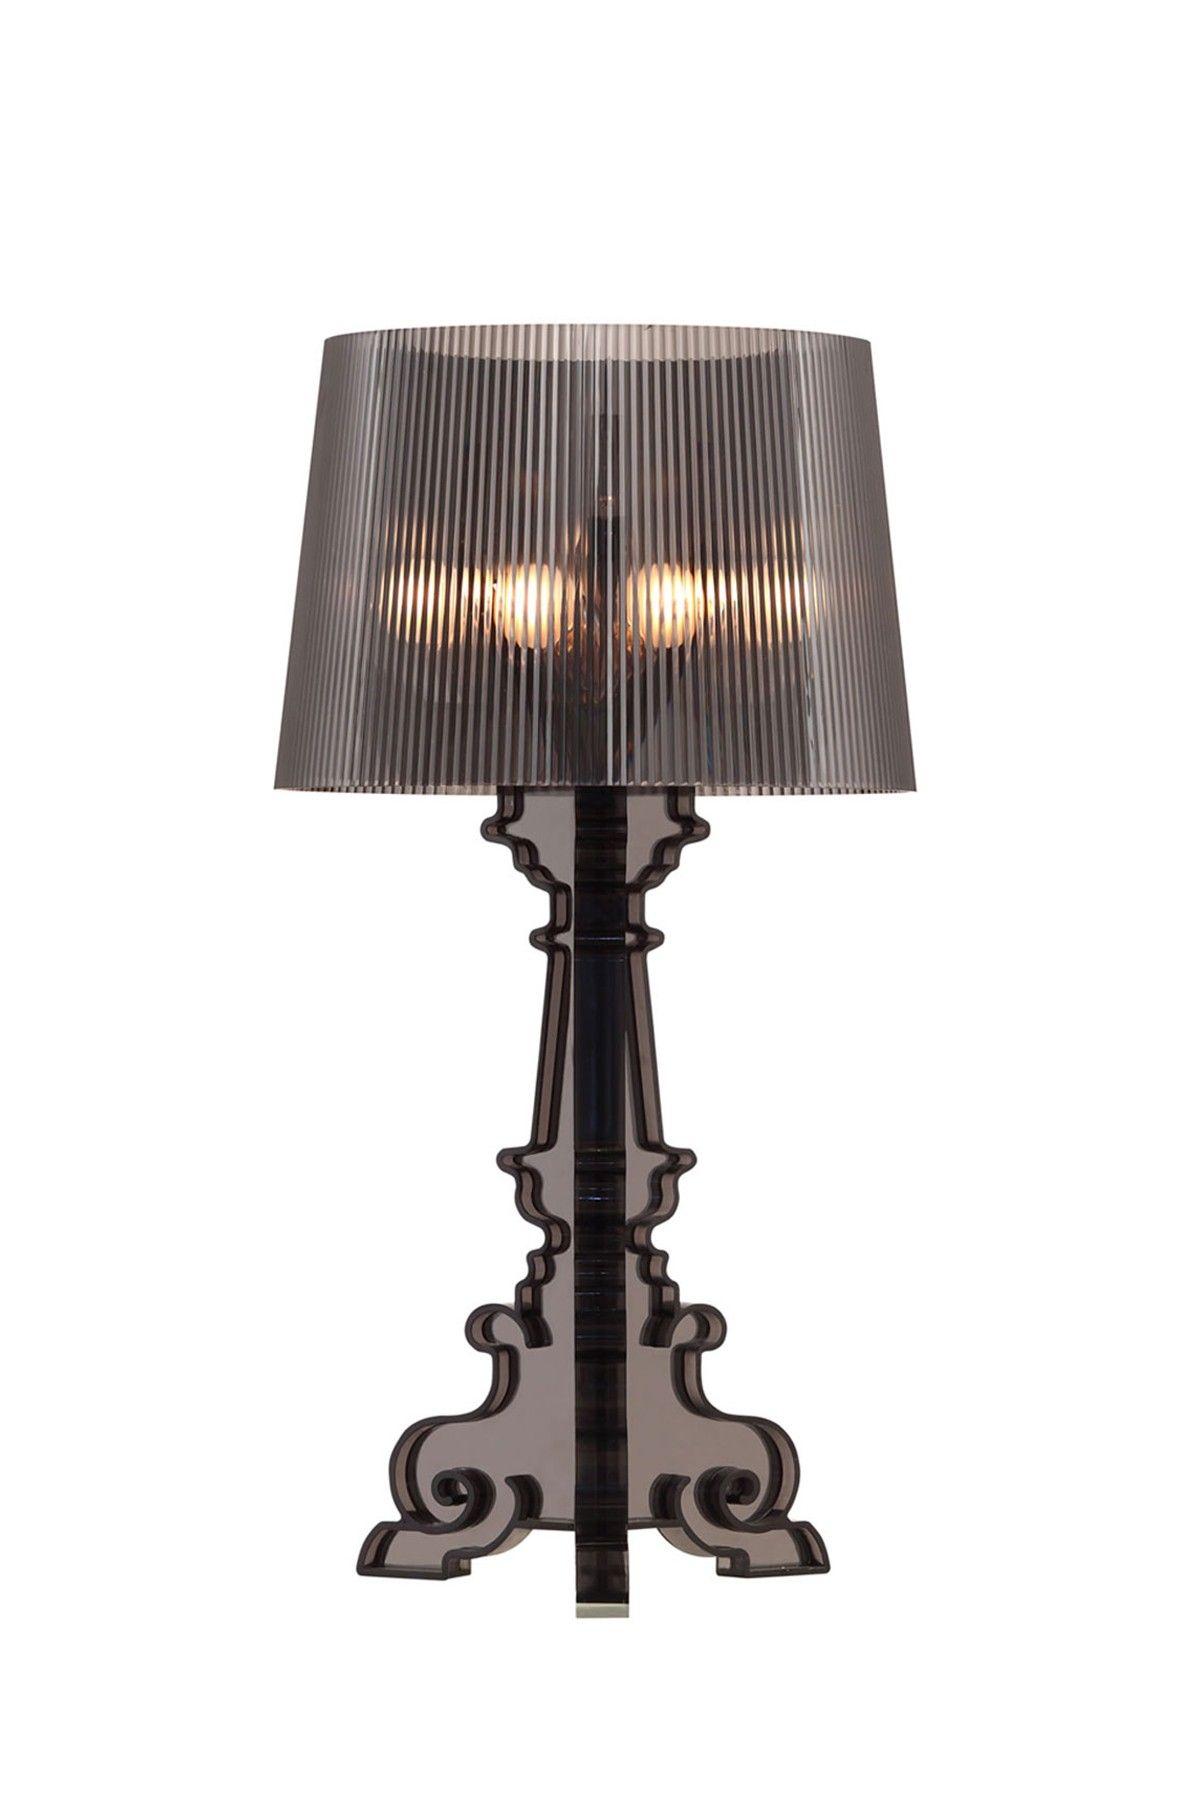 Large Salon Table Lamp Black Table LampHome Furniture